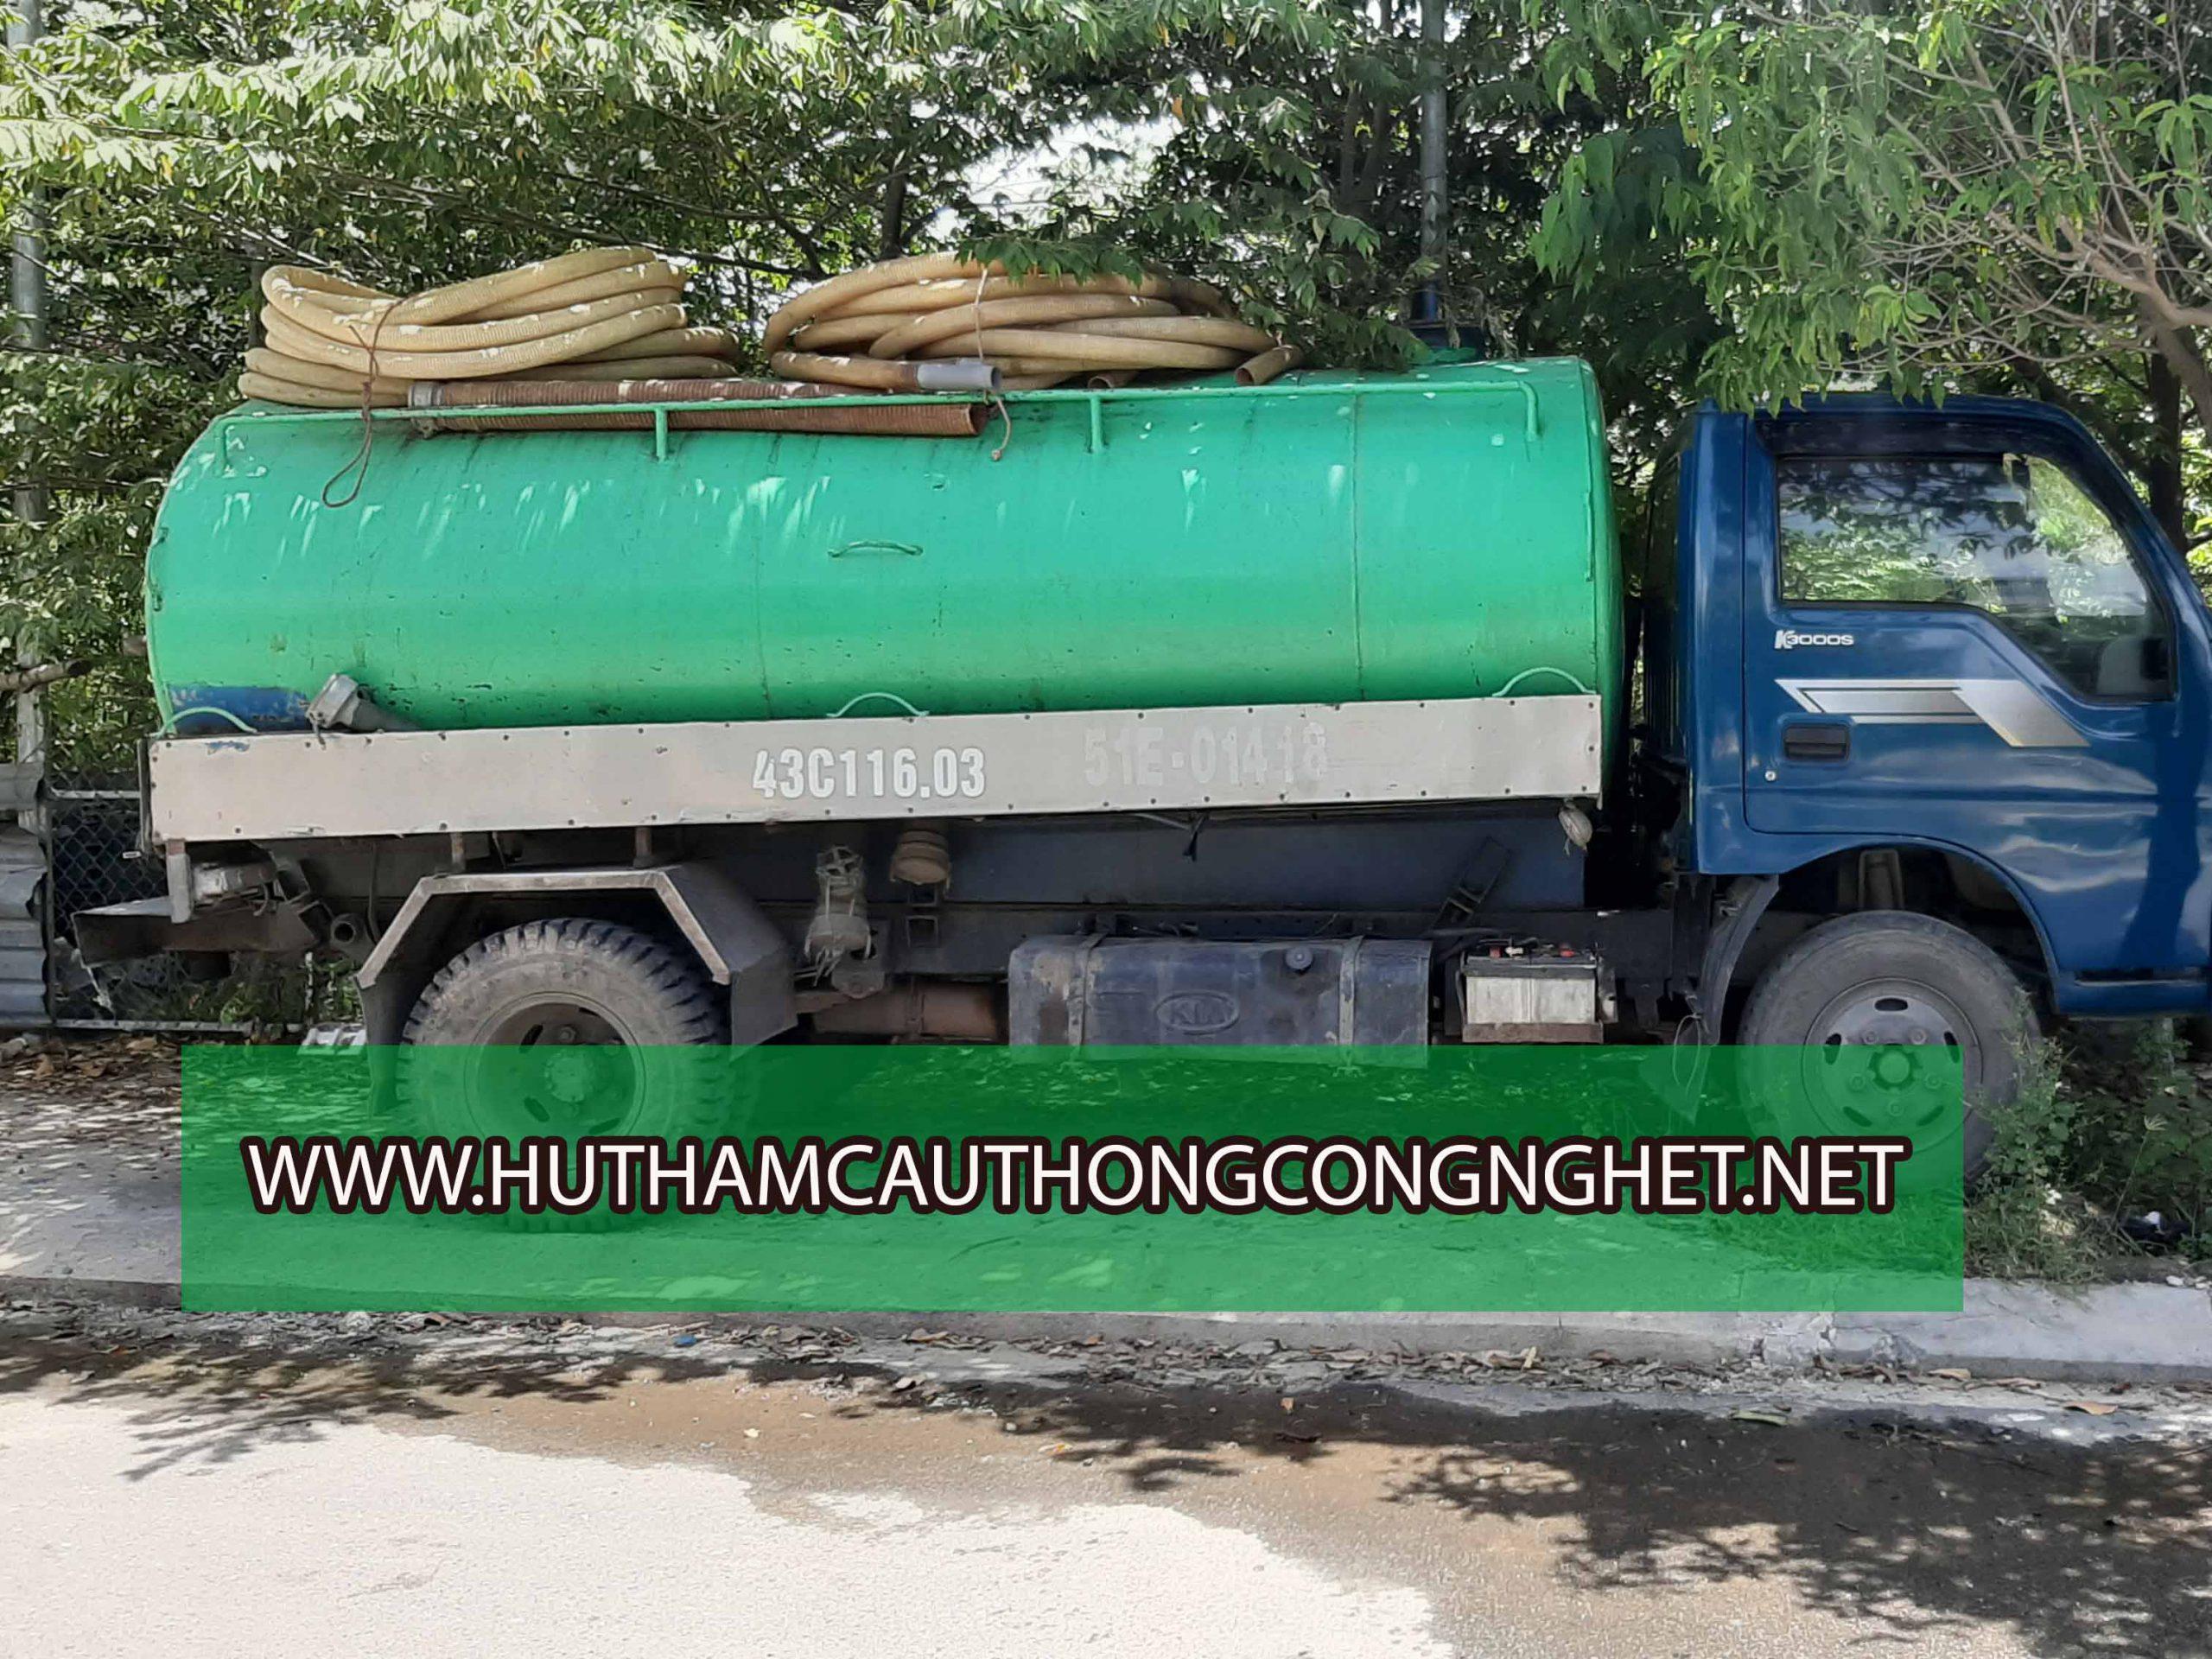 Xe chuyên dùng phục vụ hút hầm cầu Ngũ Hành Sơn